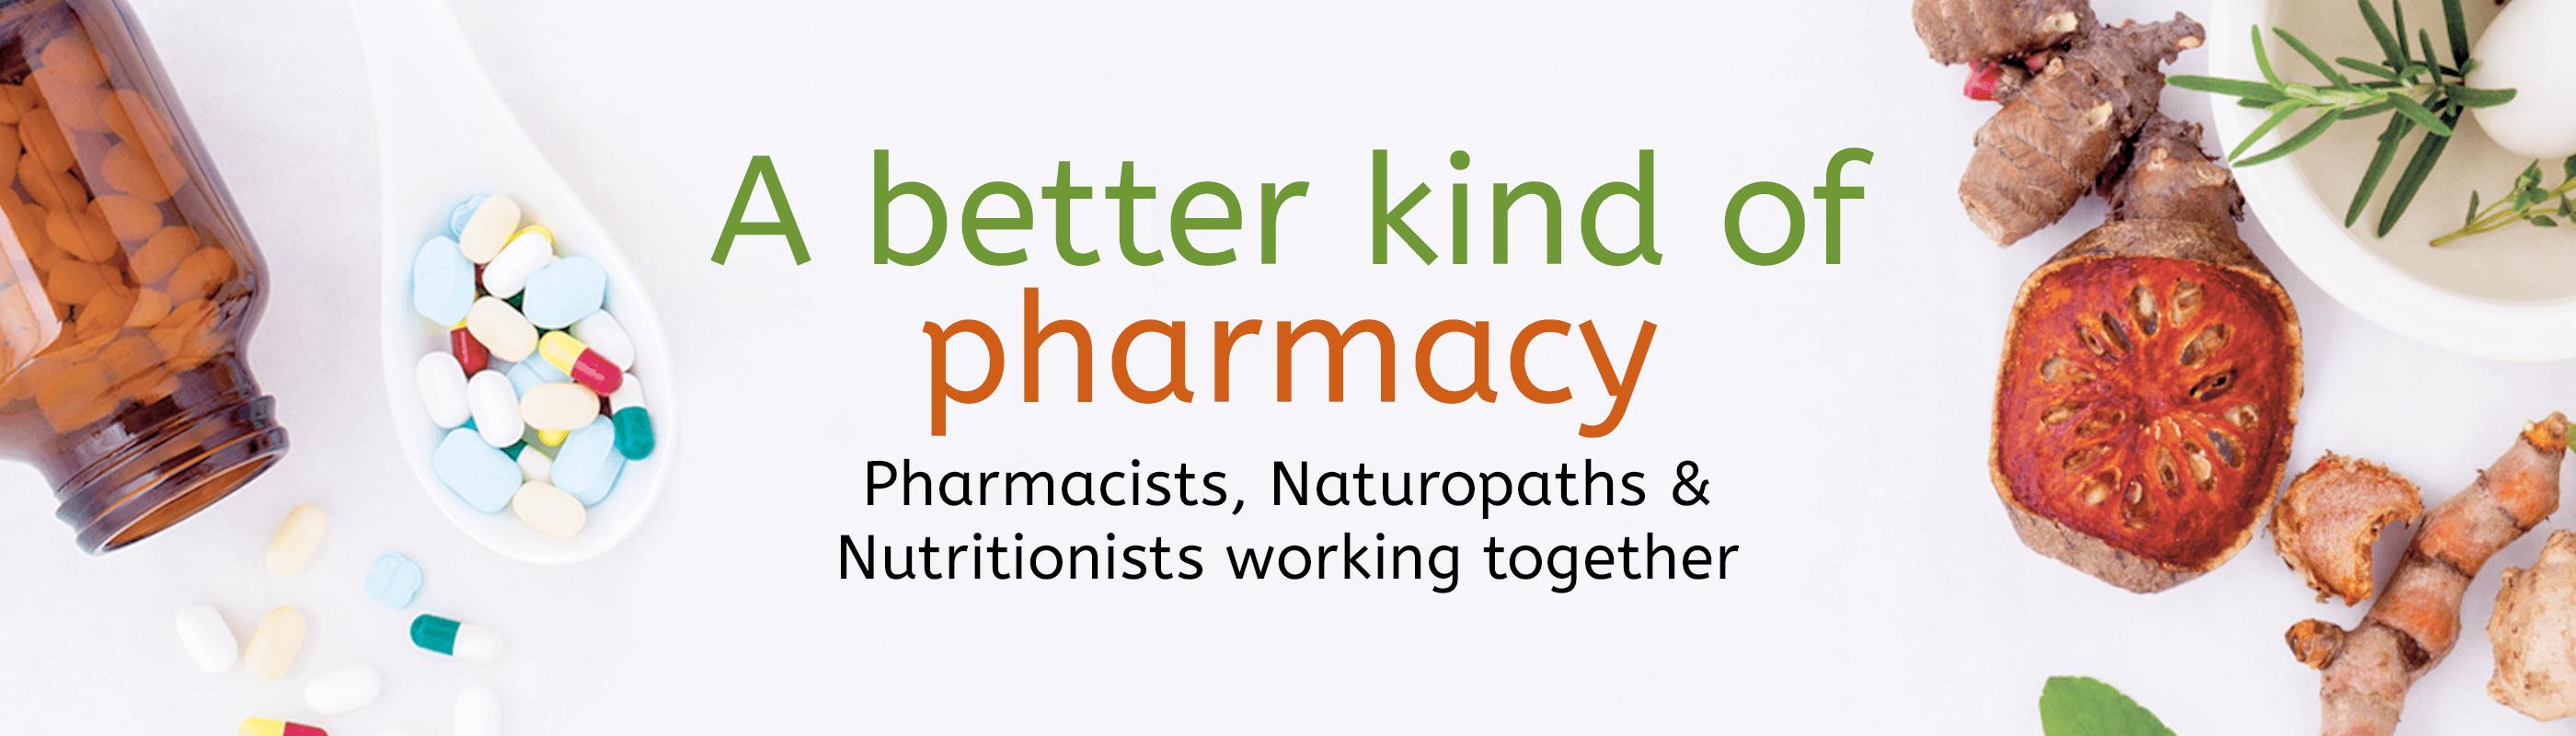 Better Kind of Pharmacy - Natural Chemist